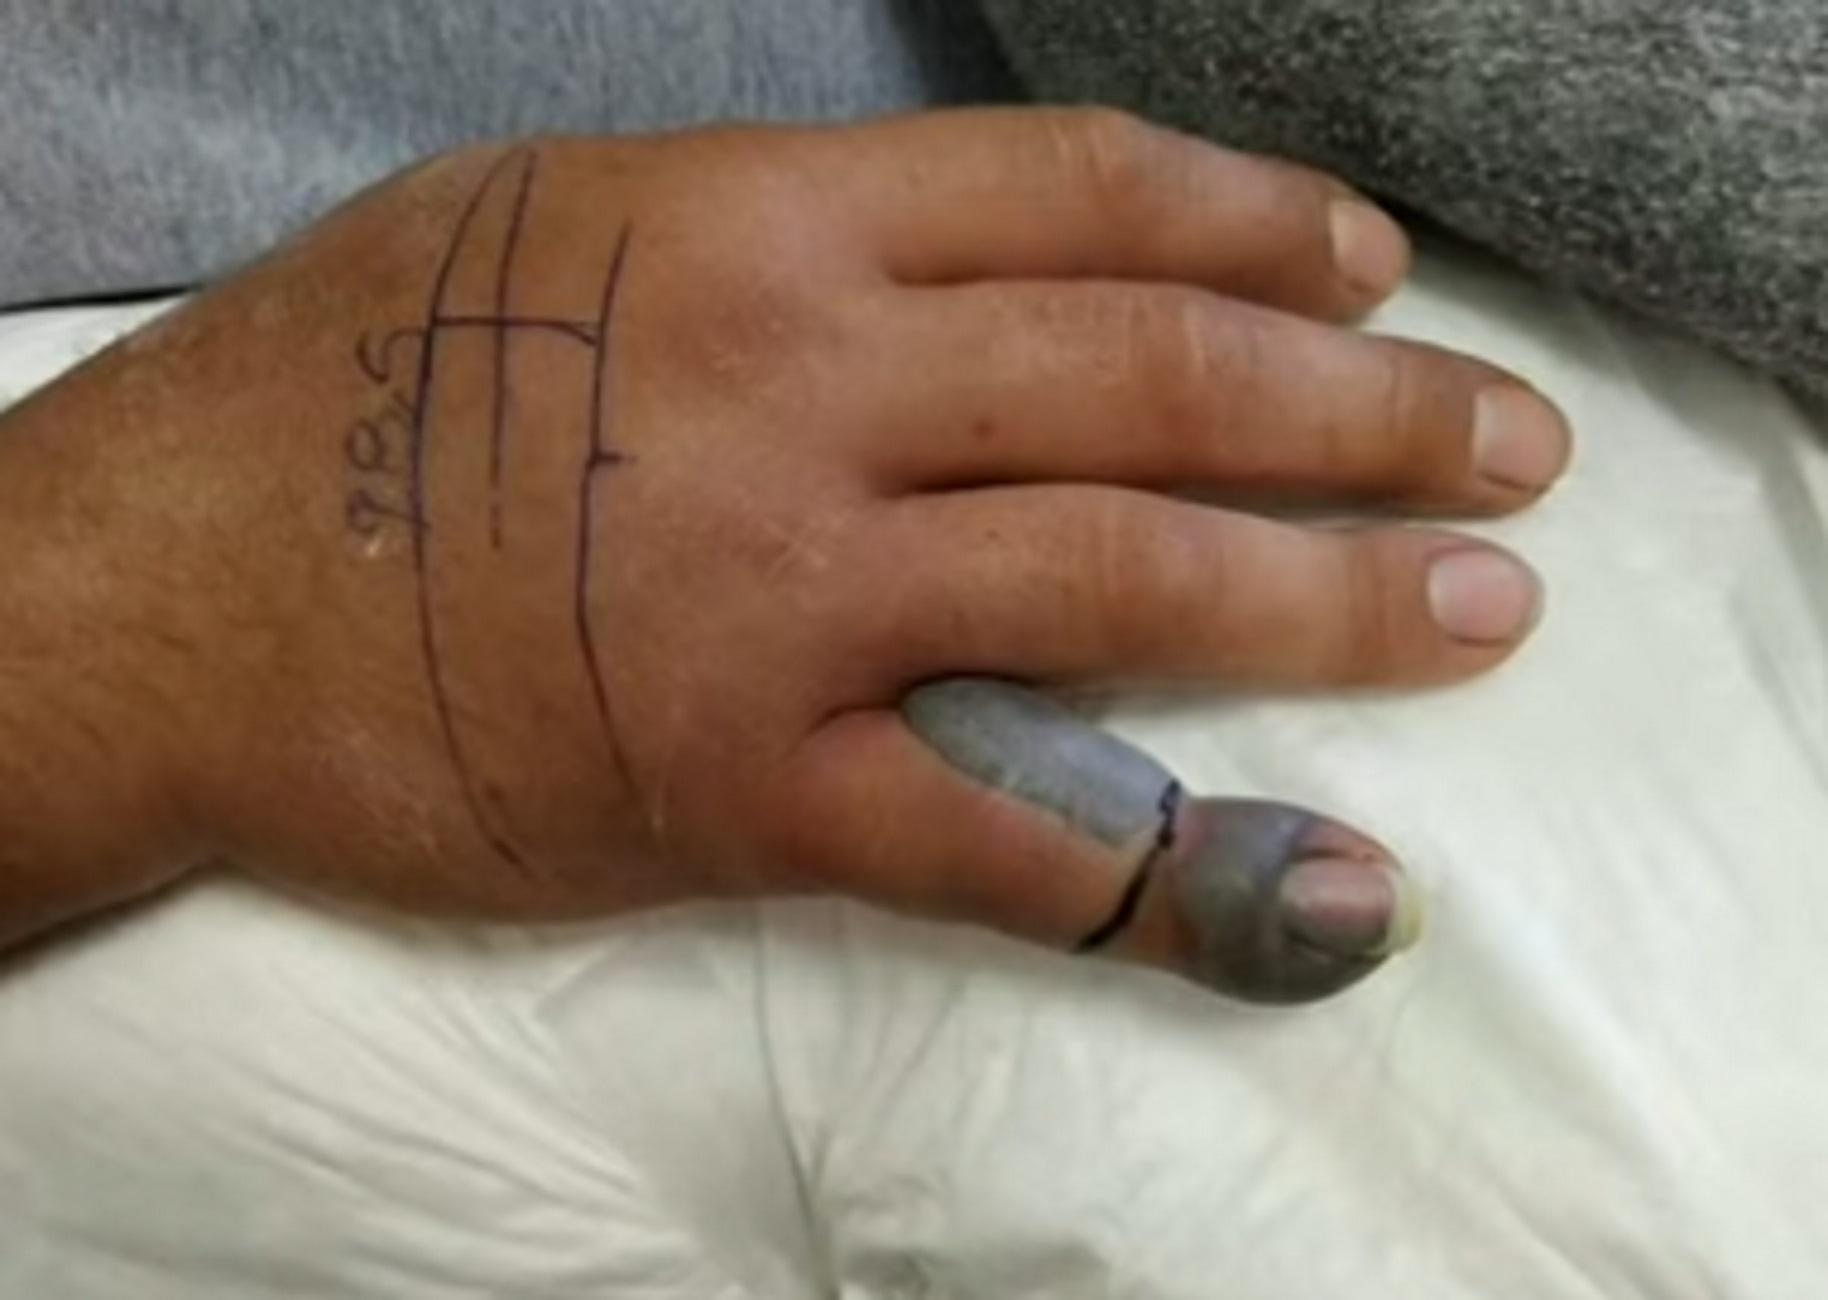 Το φίδι παραλίγο να του κόψει το δάχτυλο! Τον δάγκωσε οχιά και τον βρήκαν σε αυτή την κατάσταση (Βίντεο)